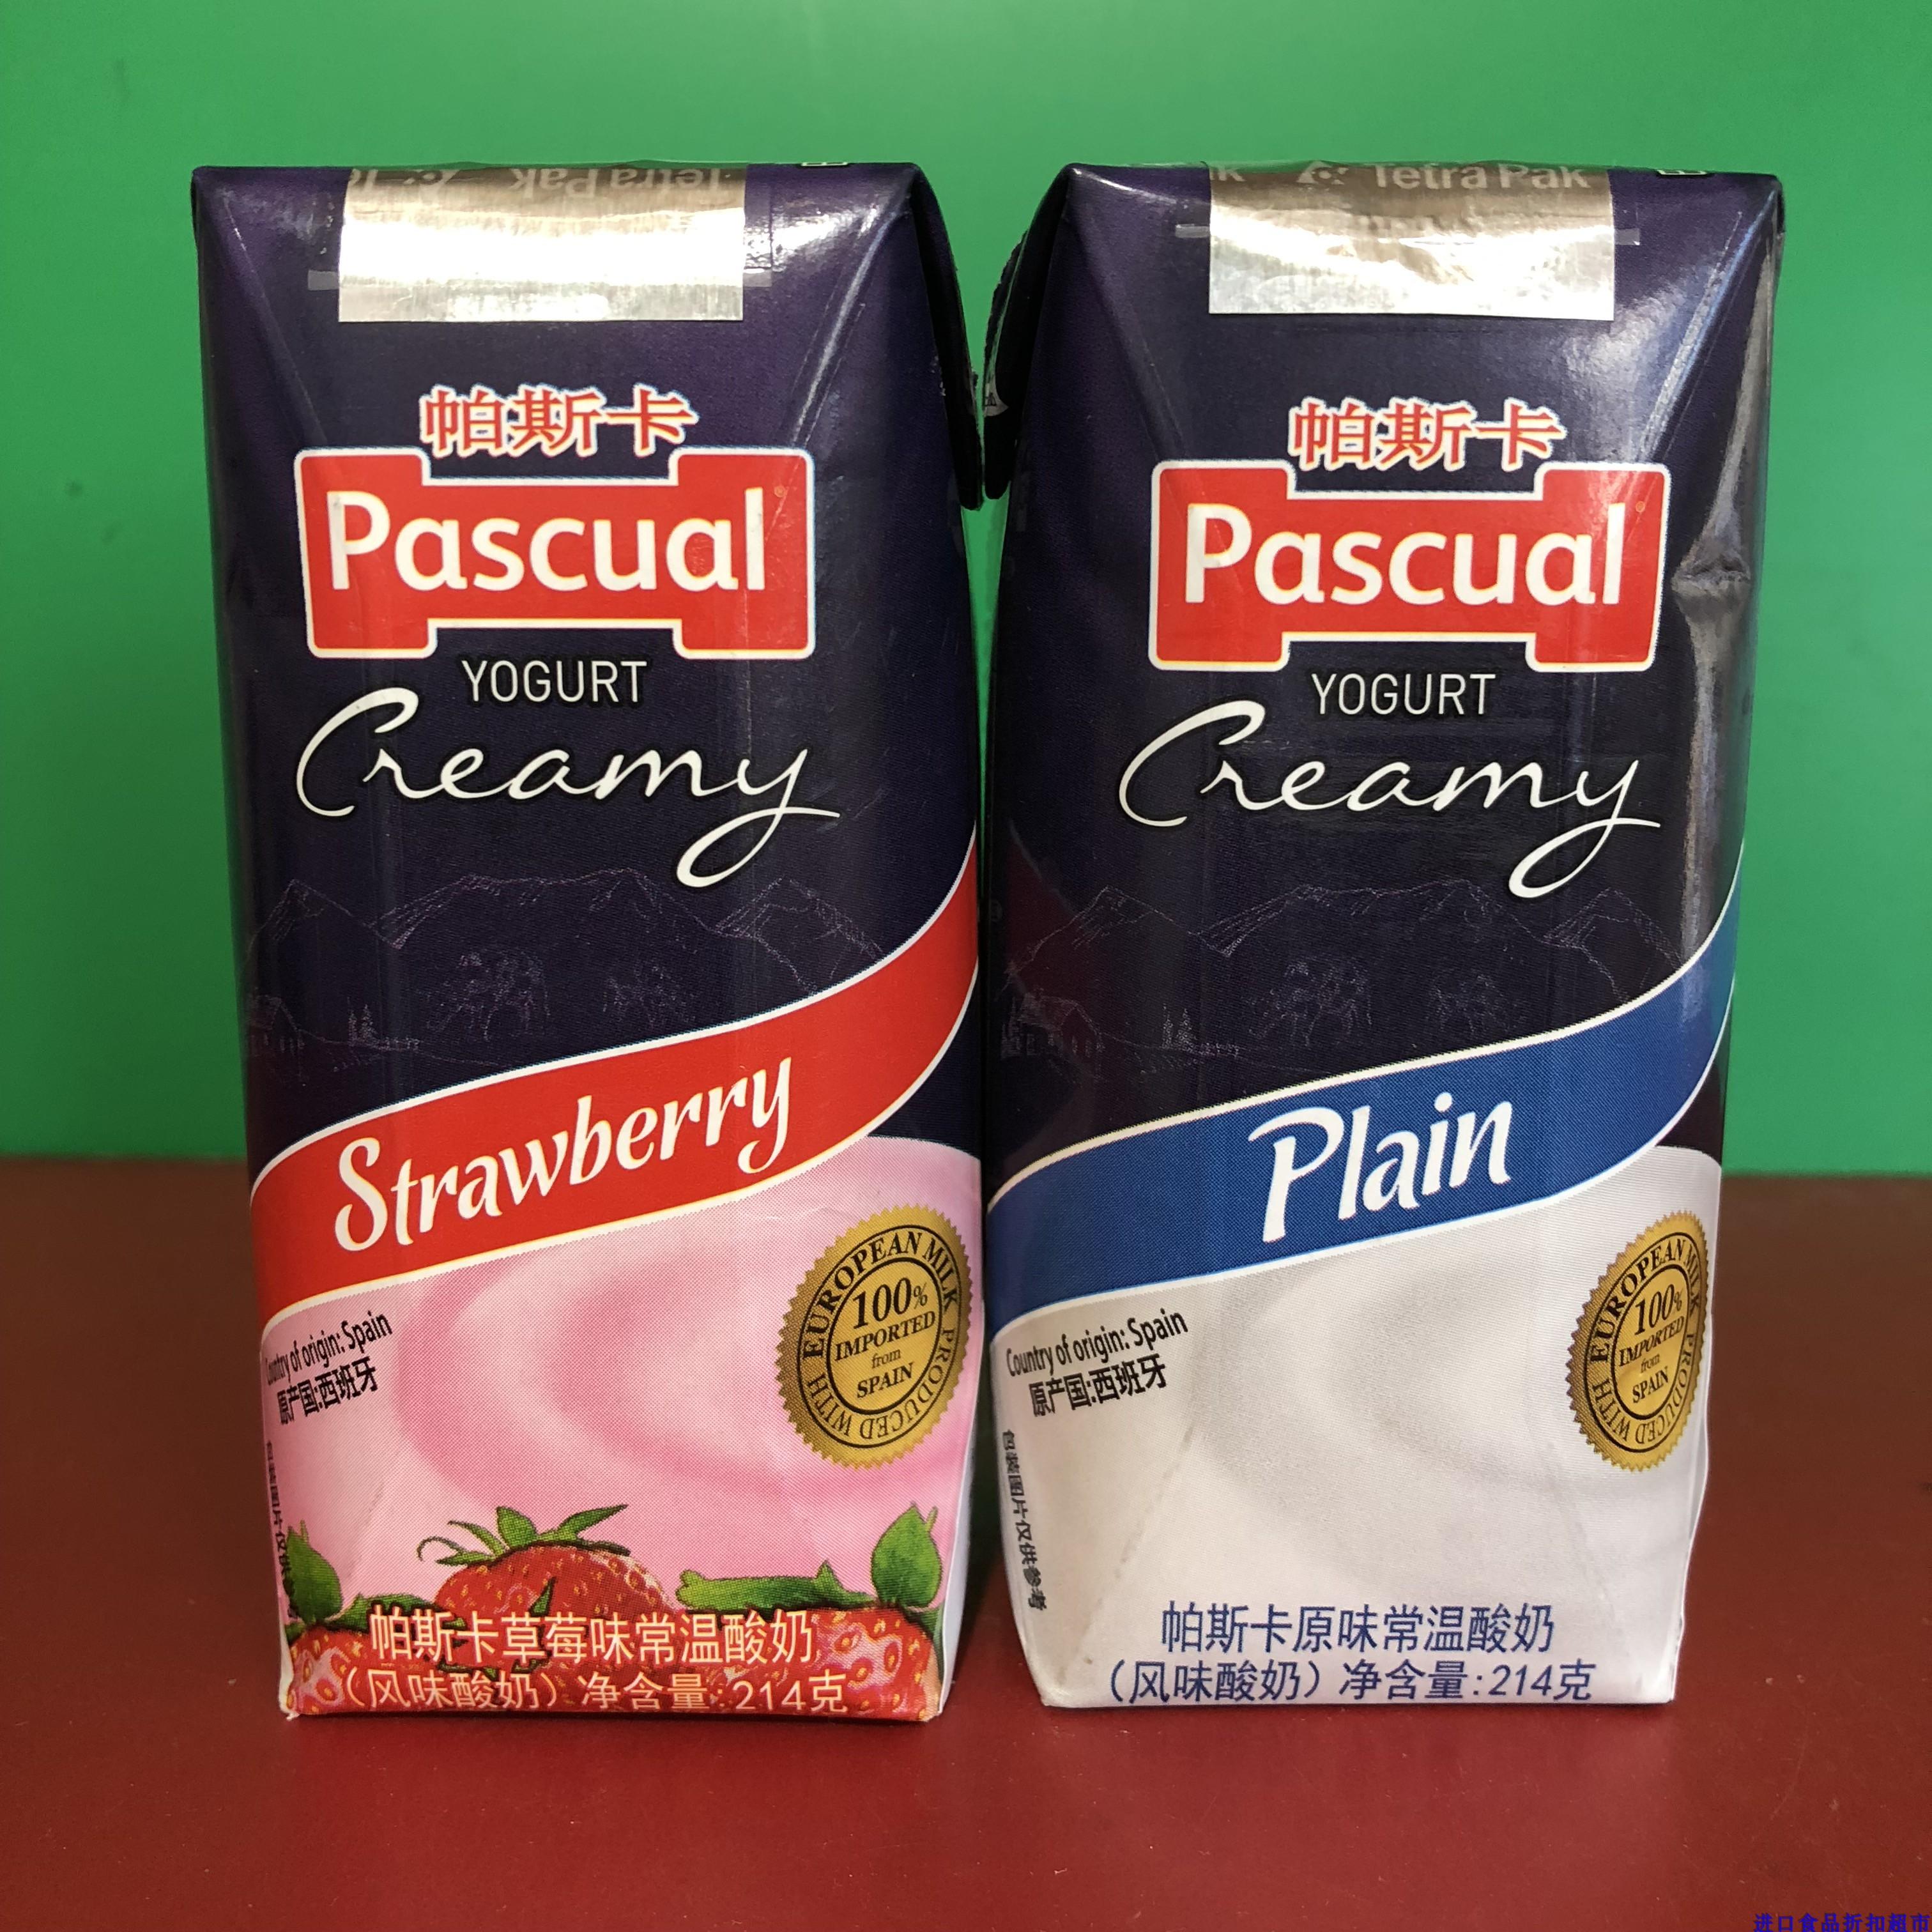 西班牙�M口Pascual帕斯卡原味/草莓味常�厮崮�214克 �R期18.10.30